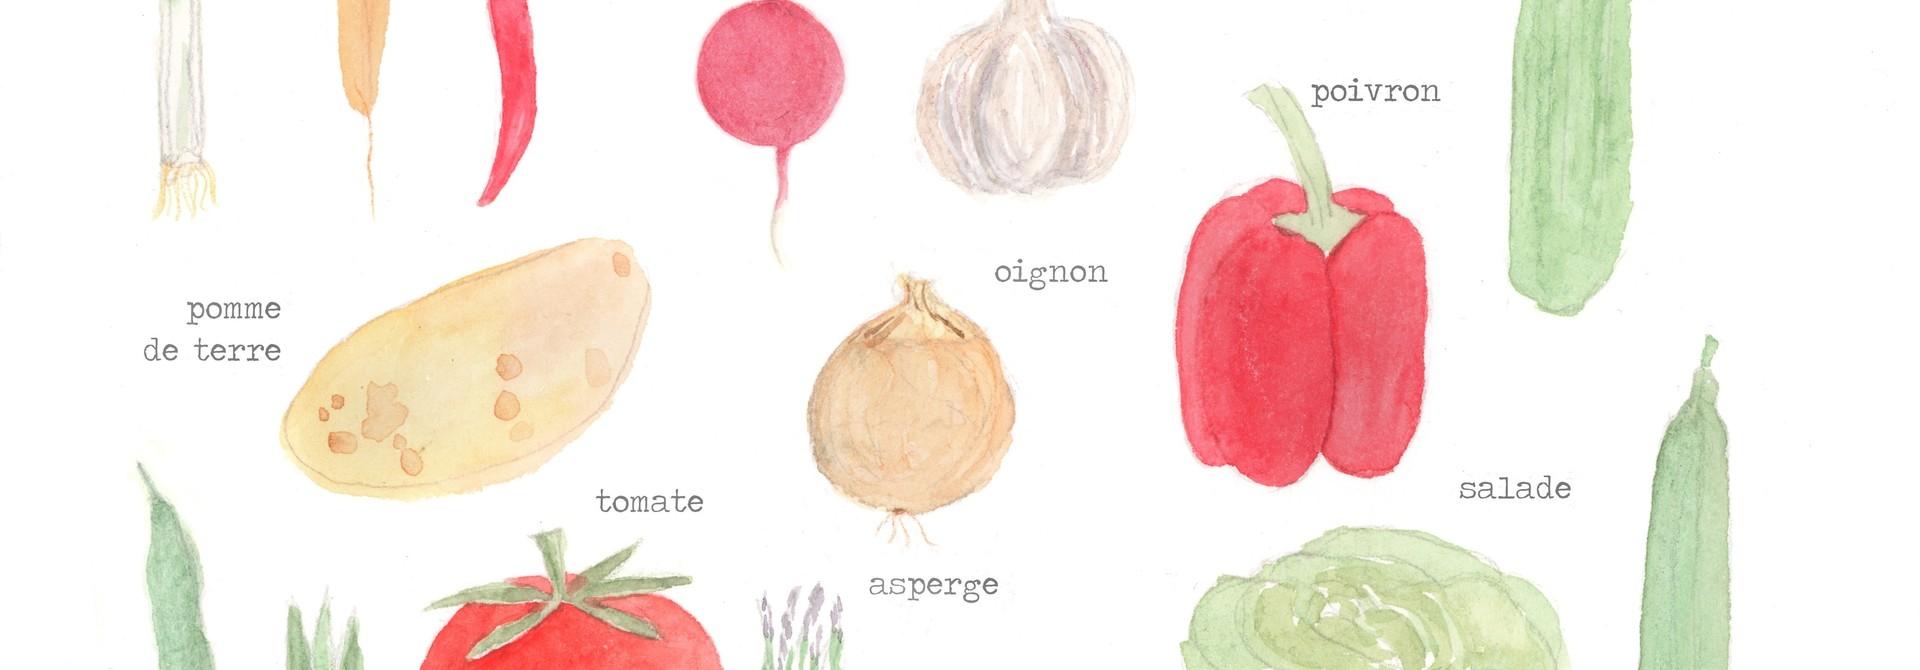 Légumes de Saison  - giclée